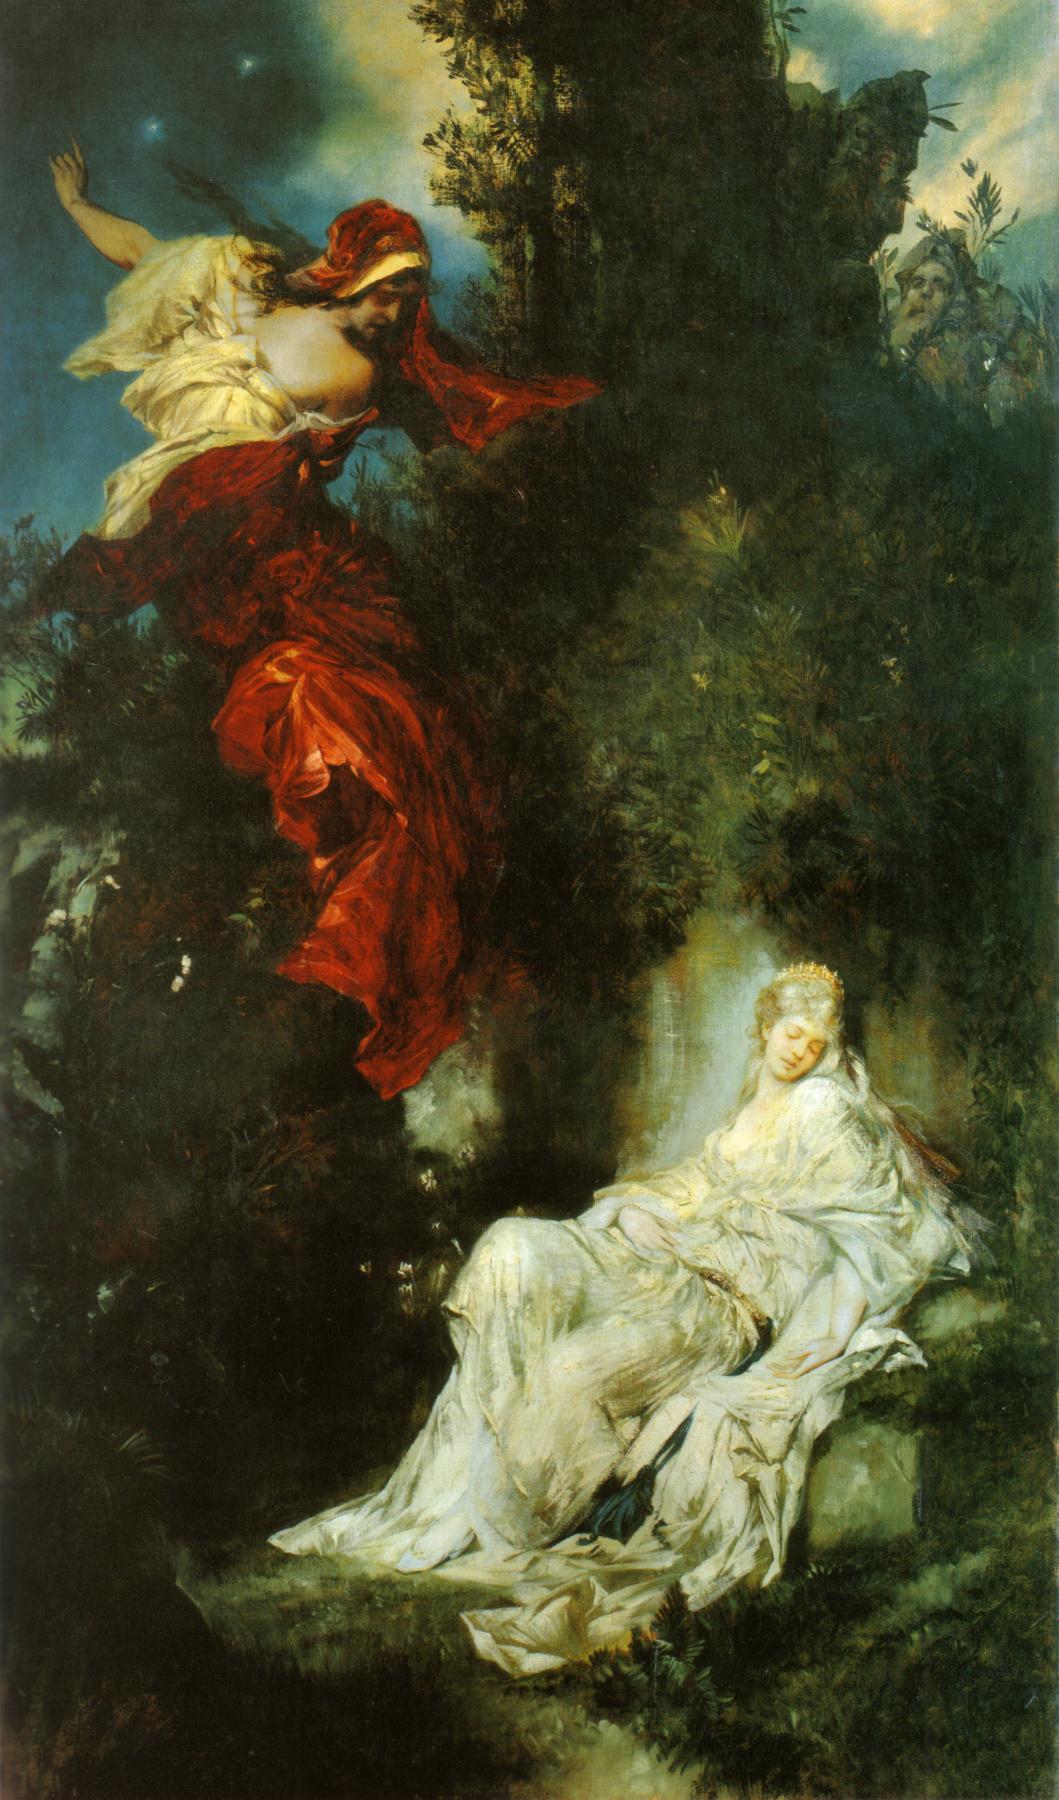 Hans Makart. A Dream Of Snow White